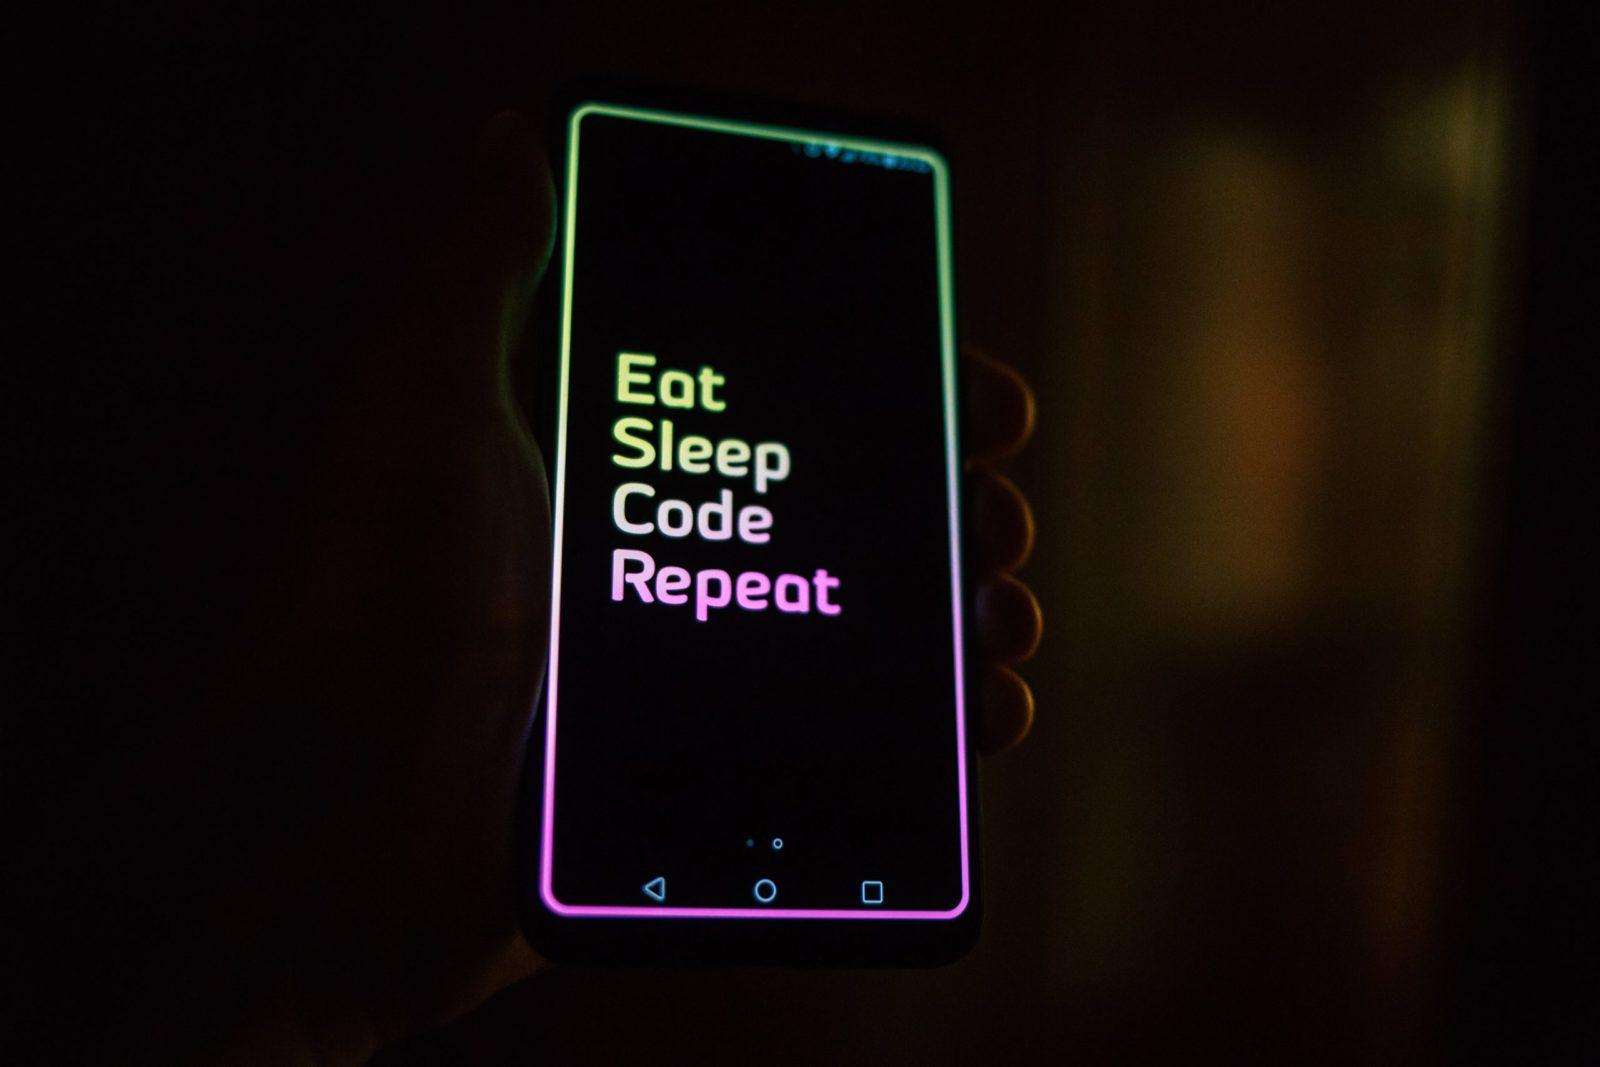 """Das Bild zeigt ein Smartphone mit dem Text """"Eat Sleep Code Repeat"""" auf dem Bildschirm."""